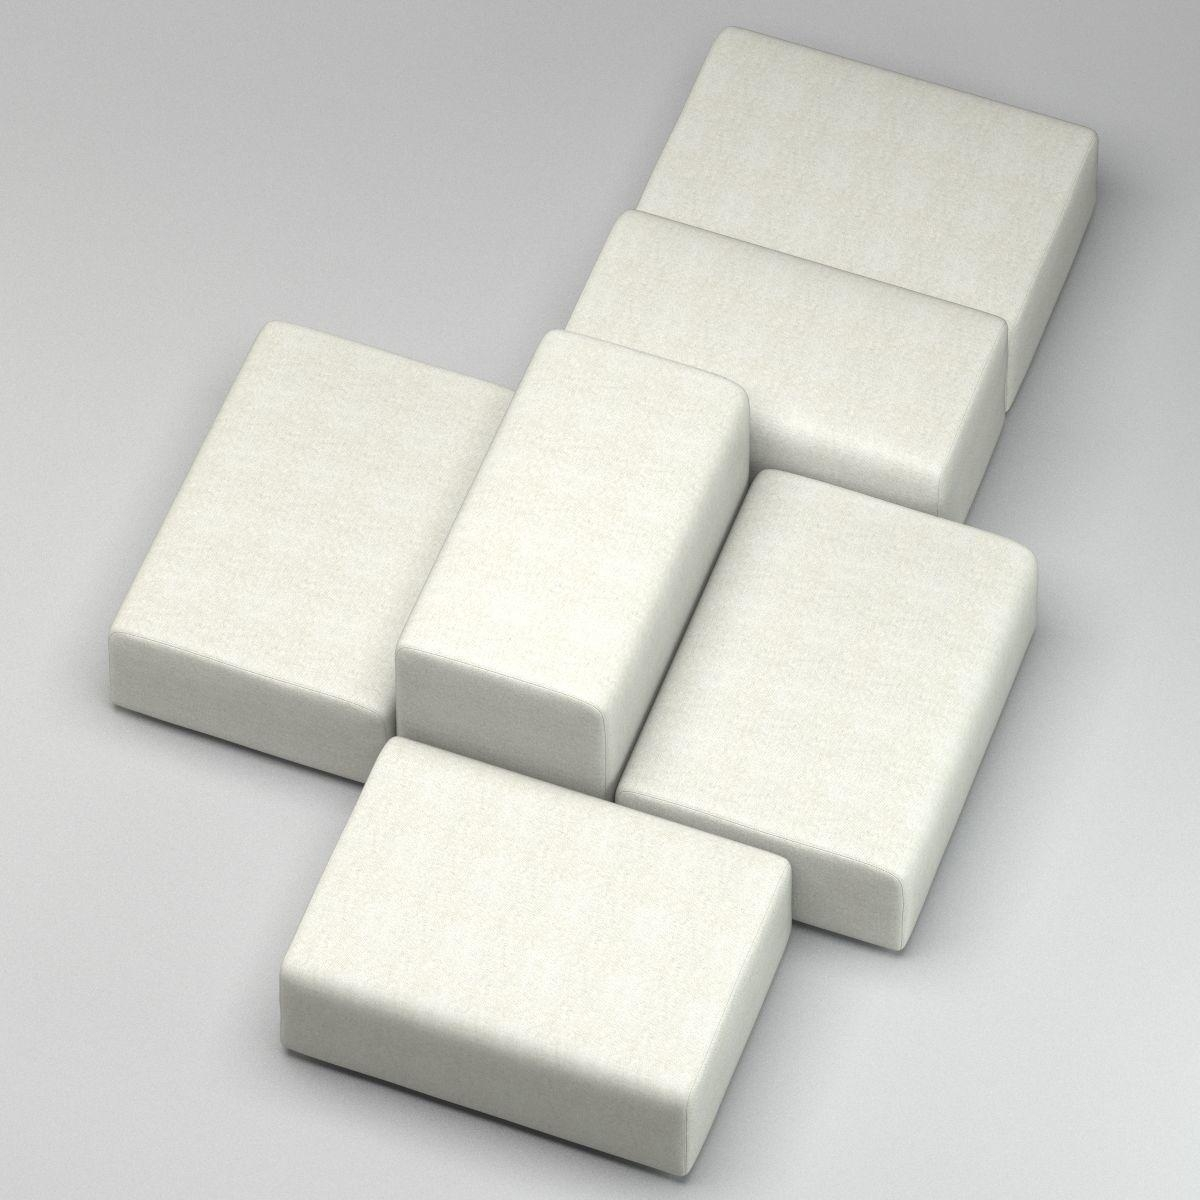 White Modern Sofa Divan 3D Model Max Obj Fbx Stl Mtl Inside White Modern Sofas (Image 18 of 20)